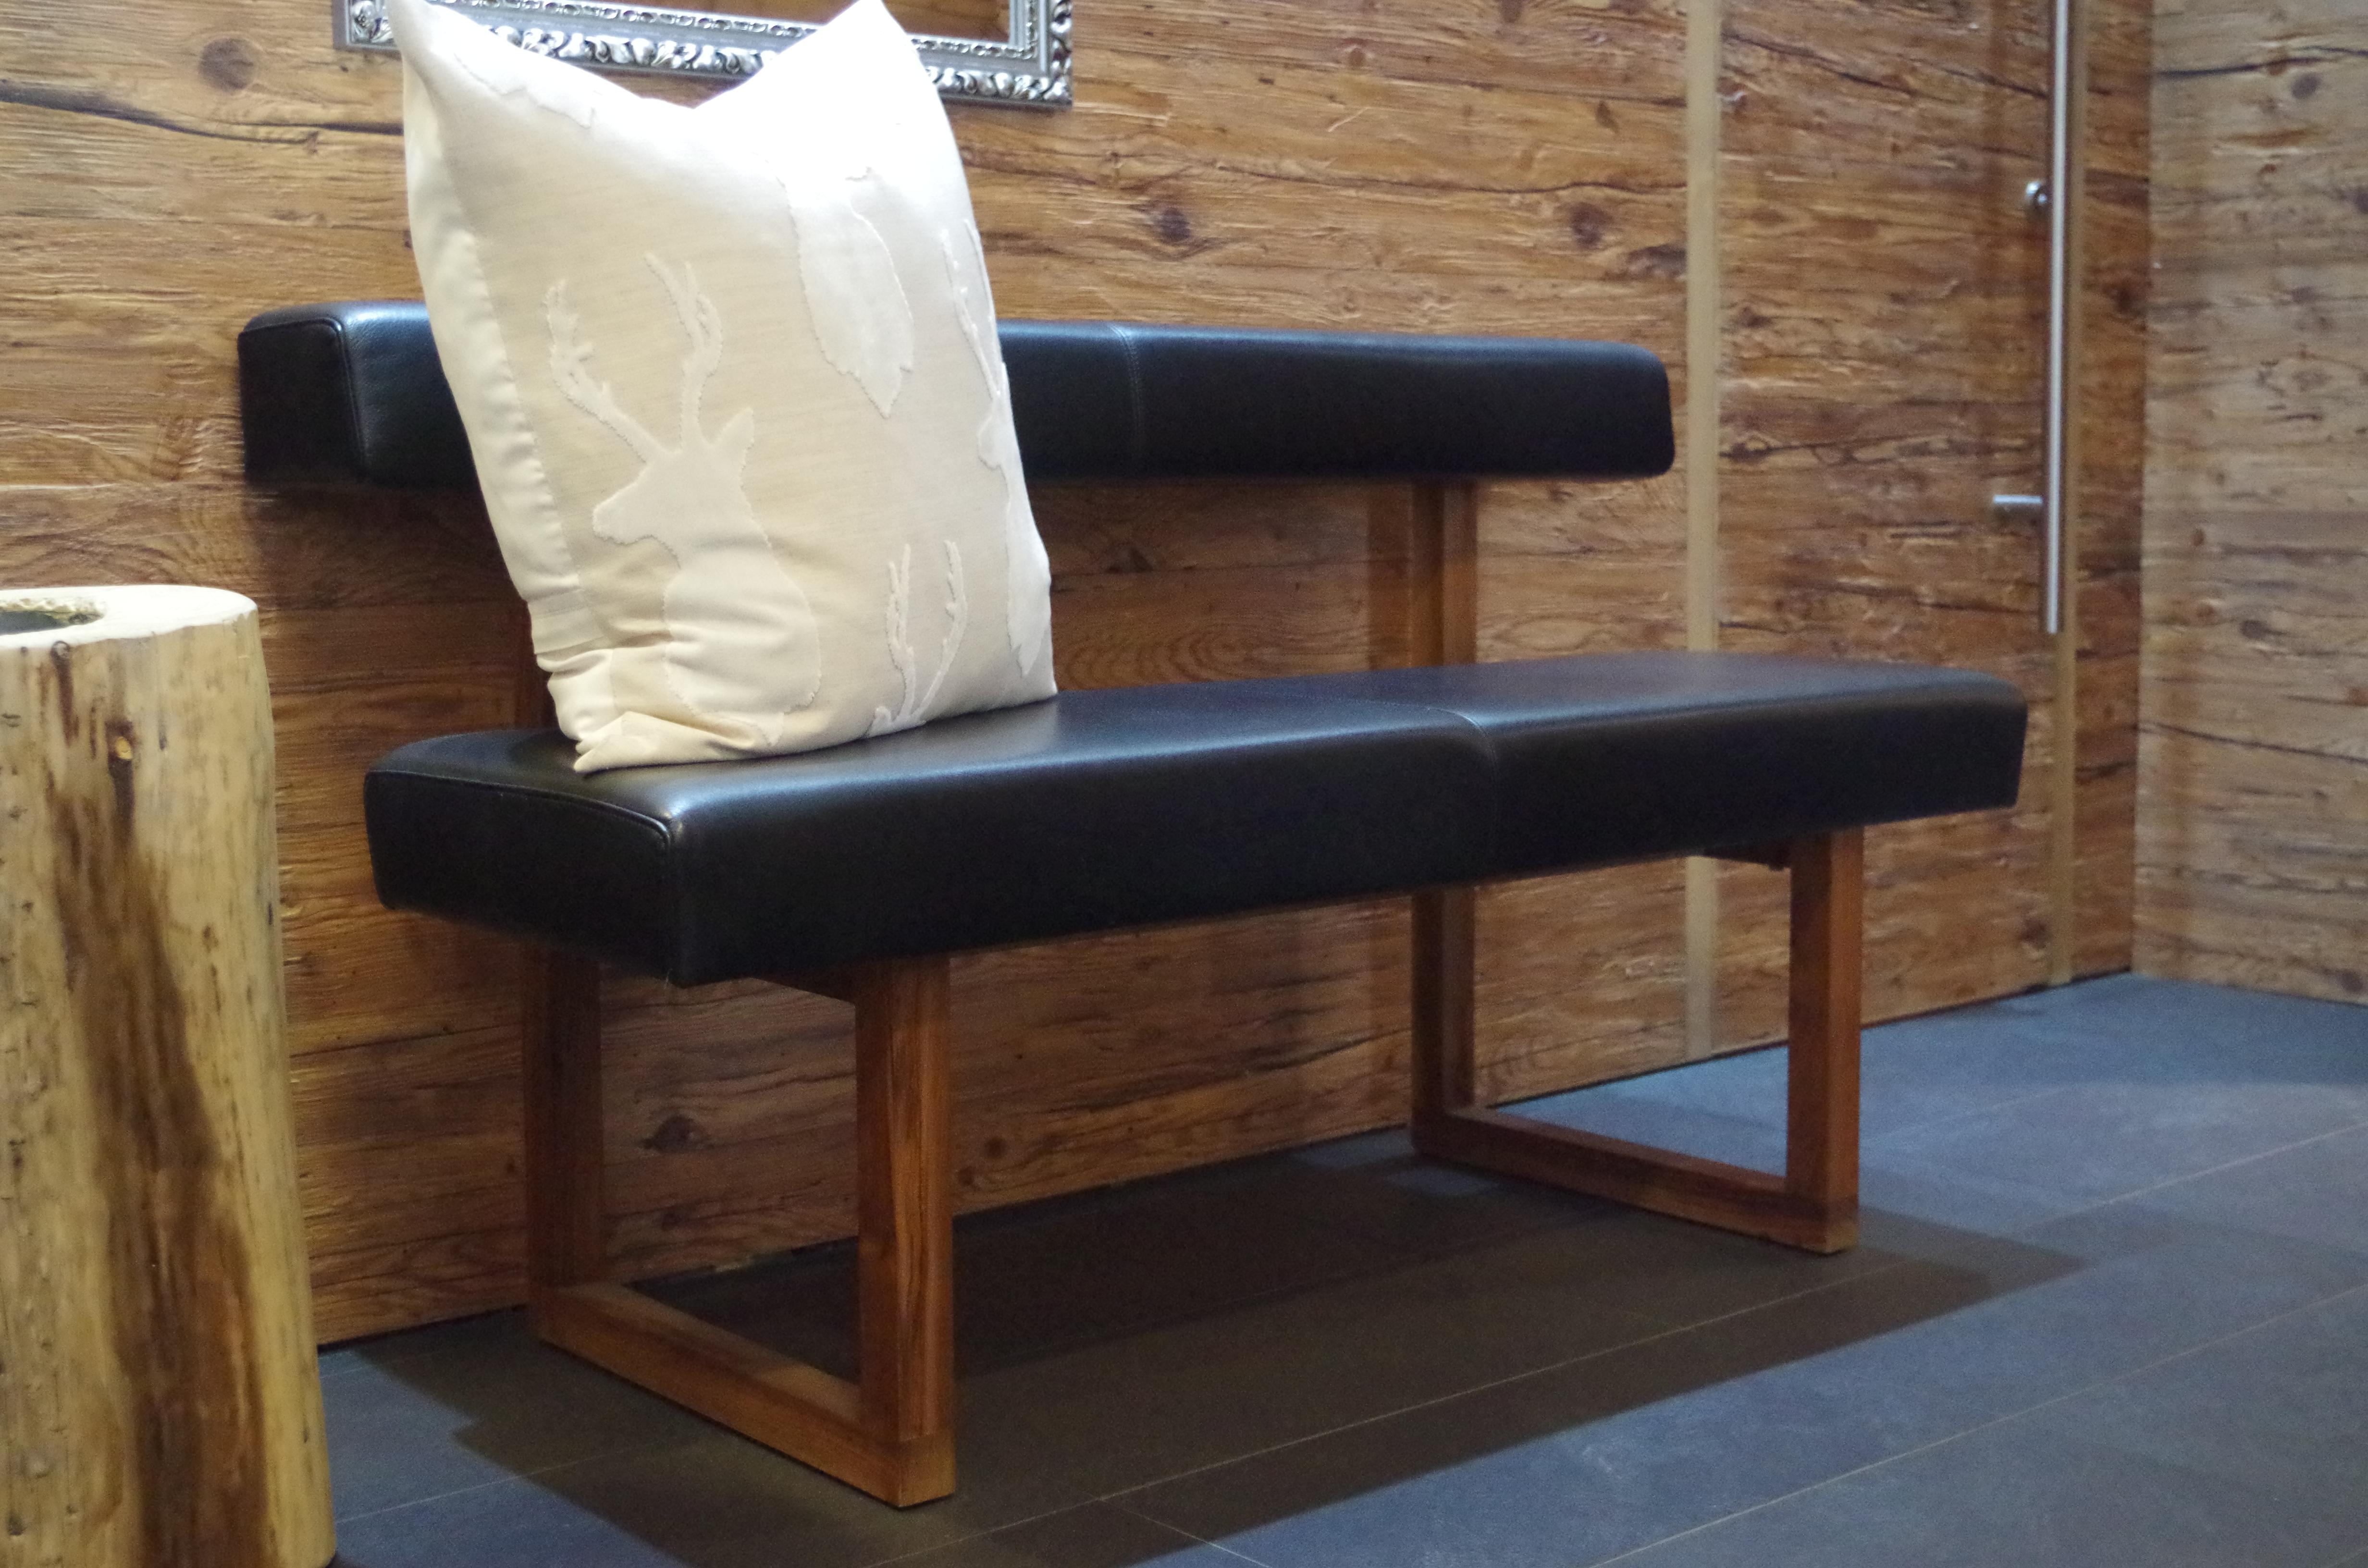 k chenwerkstatt amberg sitzbank sima gestell nussbaum. Black Bedroom Furniture Sets. Home Design Ideas